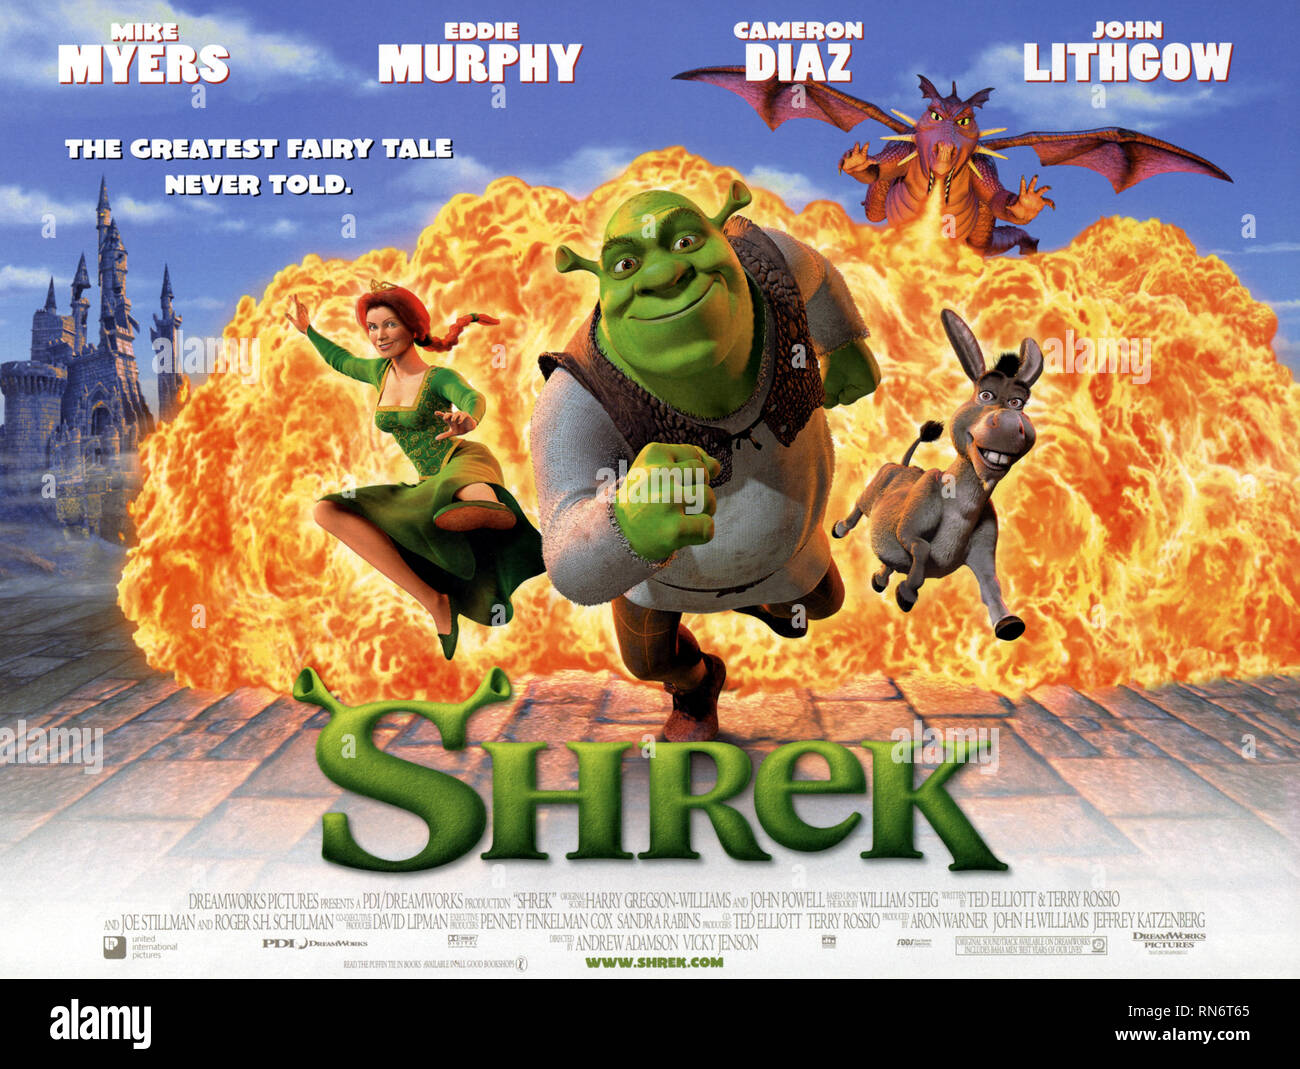 Movie Posters 2000: Shrek Poster Stock Photos & Shrek Poster Stock Images